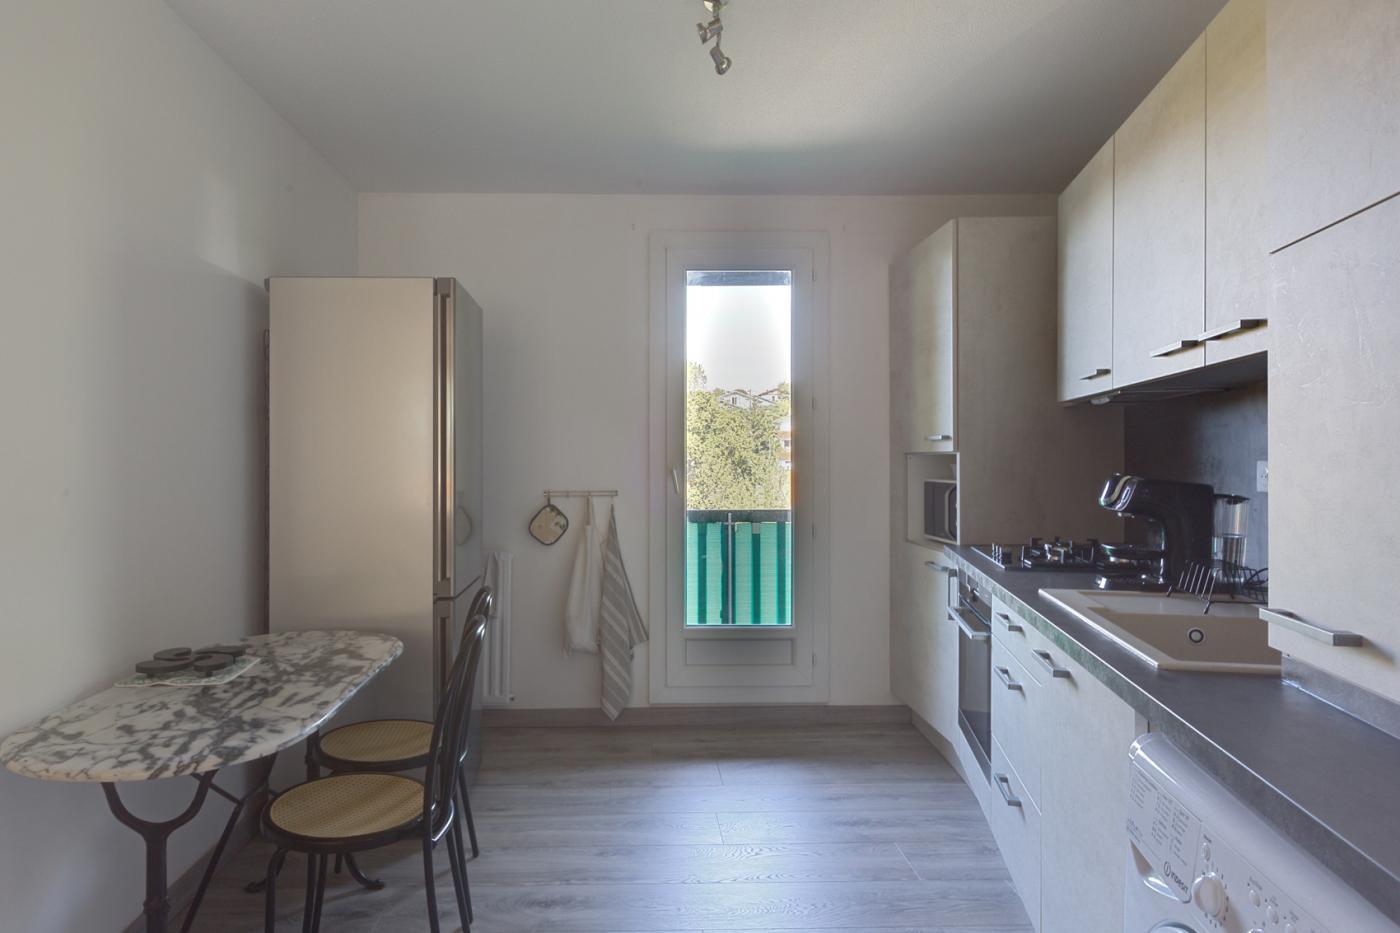 Rénovation cuisine appartement pays basque